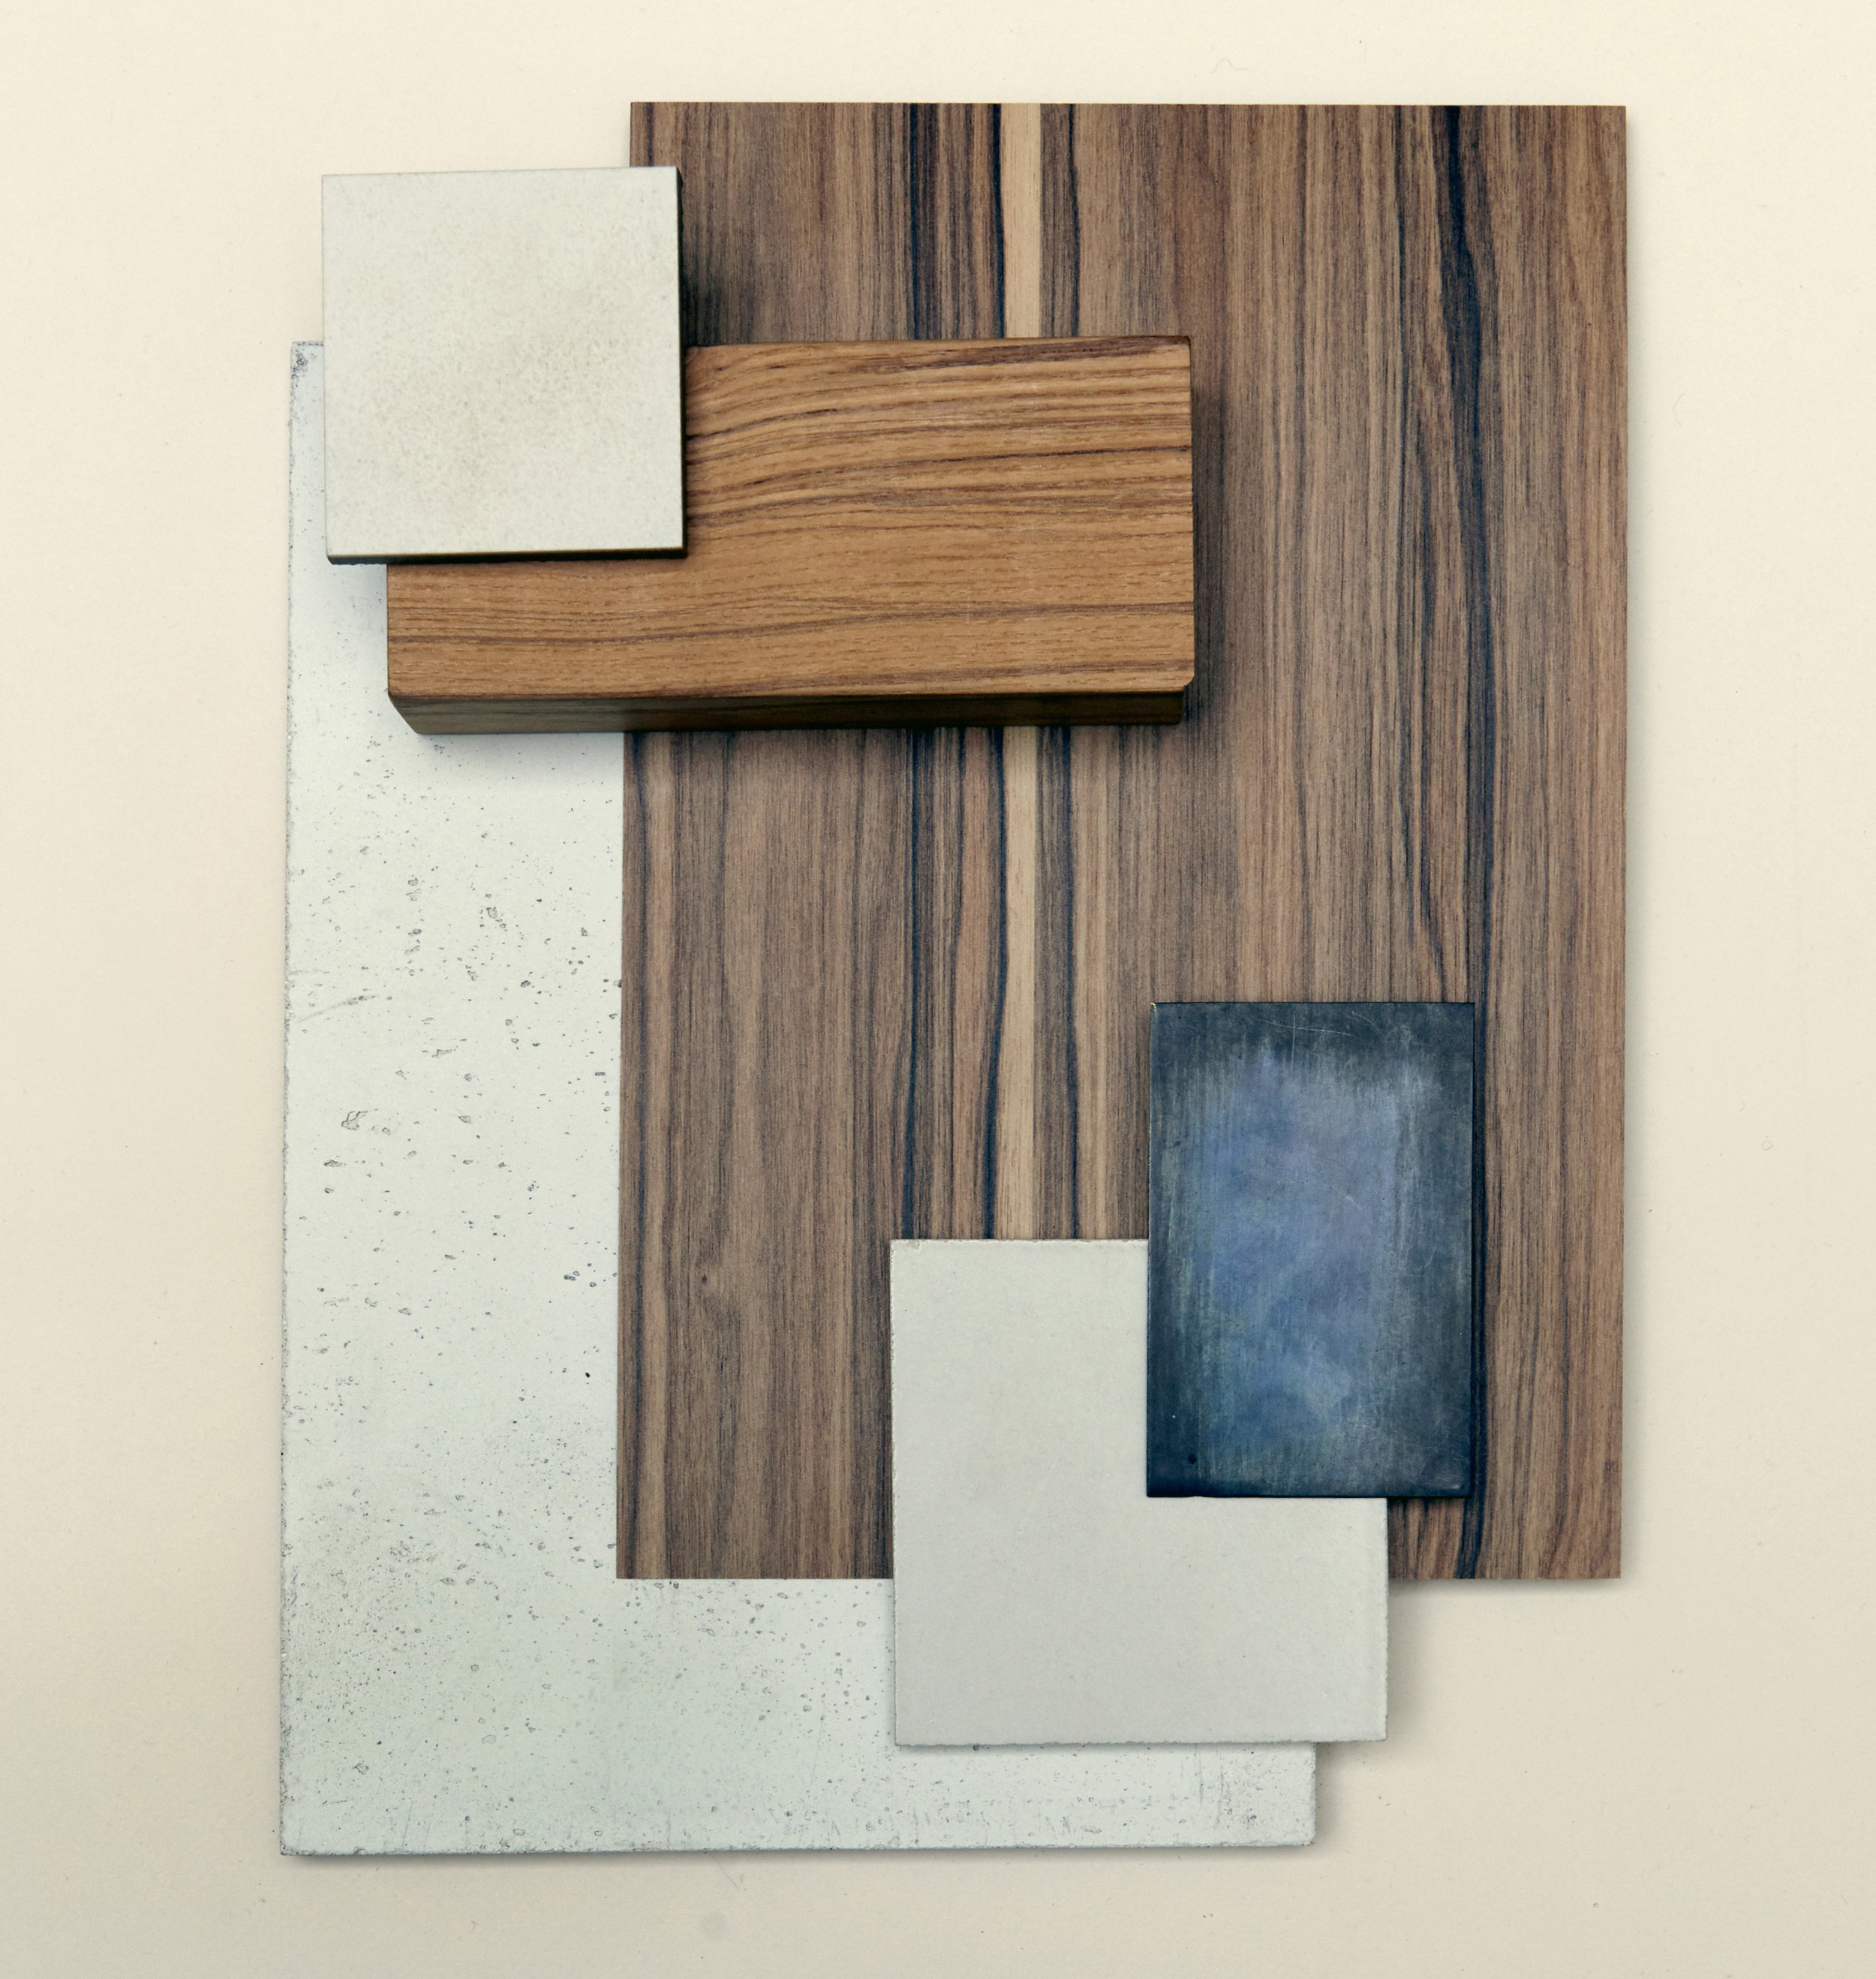 Material_board_maison_respire_interior_design_paris_moure_studio_2.jpg copie.jpg